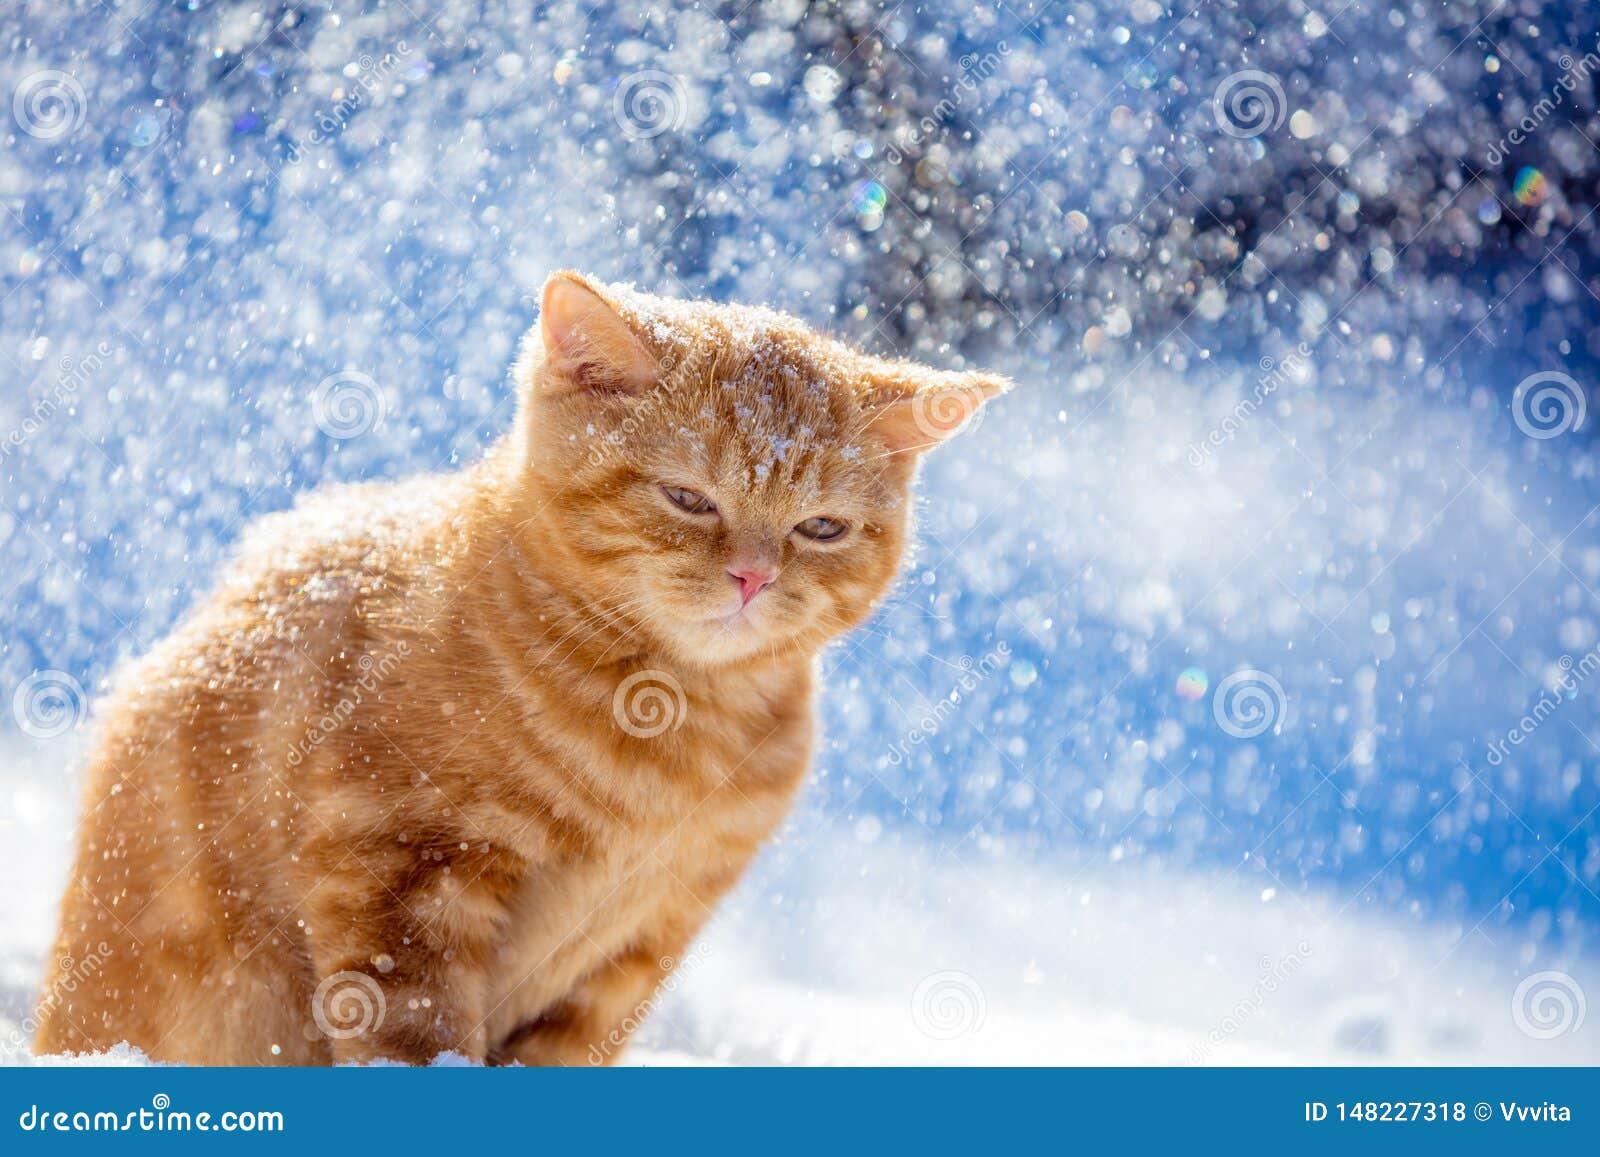 Kitten walking in the snow in the winter in a blizzard